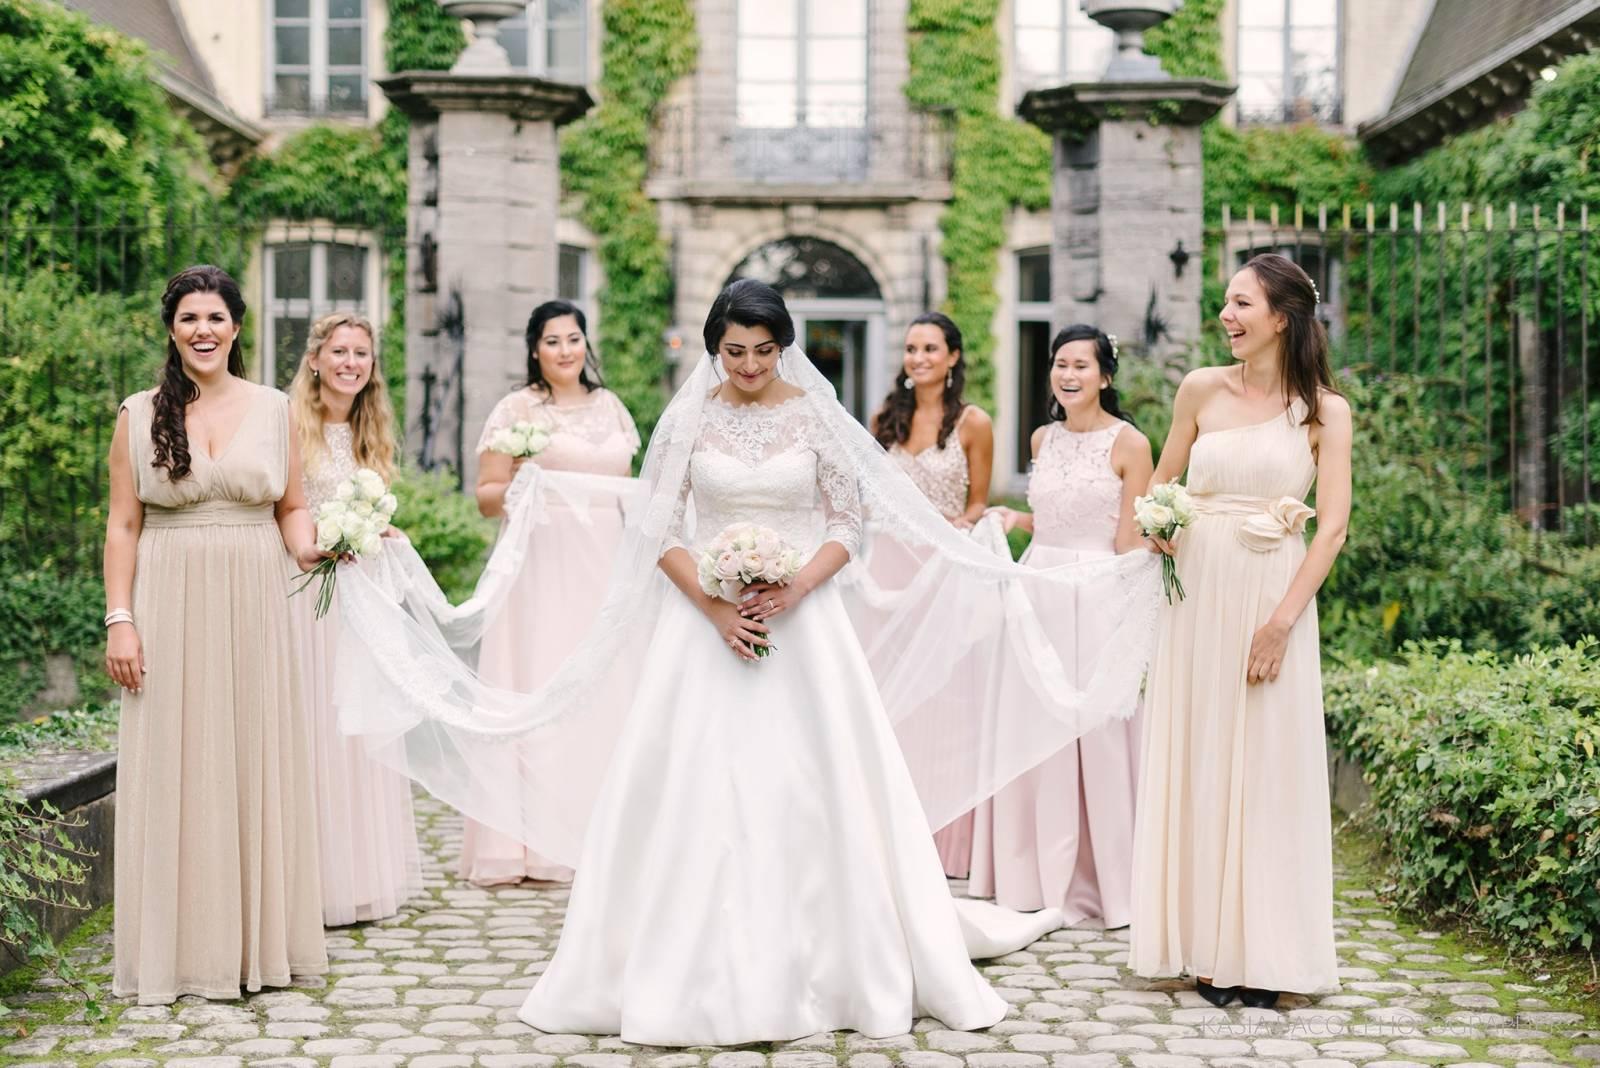 Alle Gebeure - House of Weddings - 26